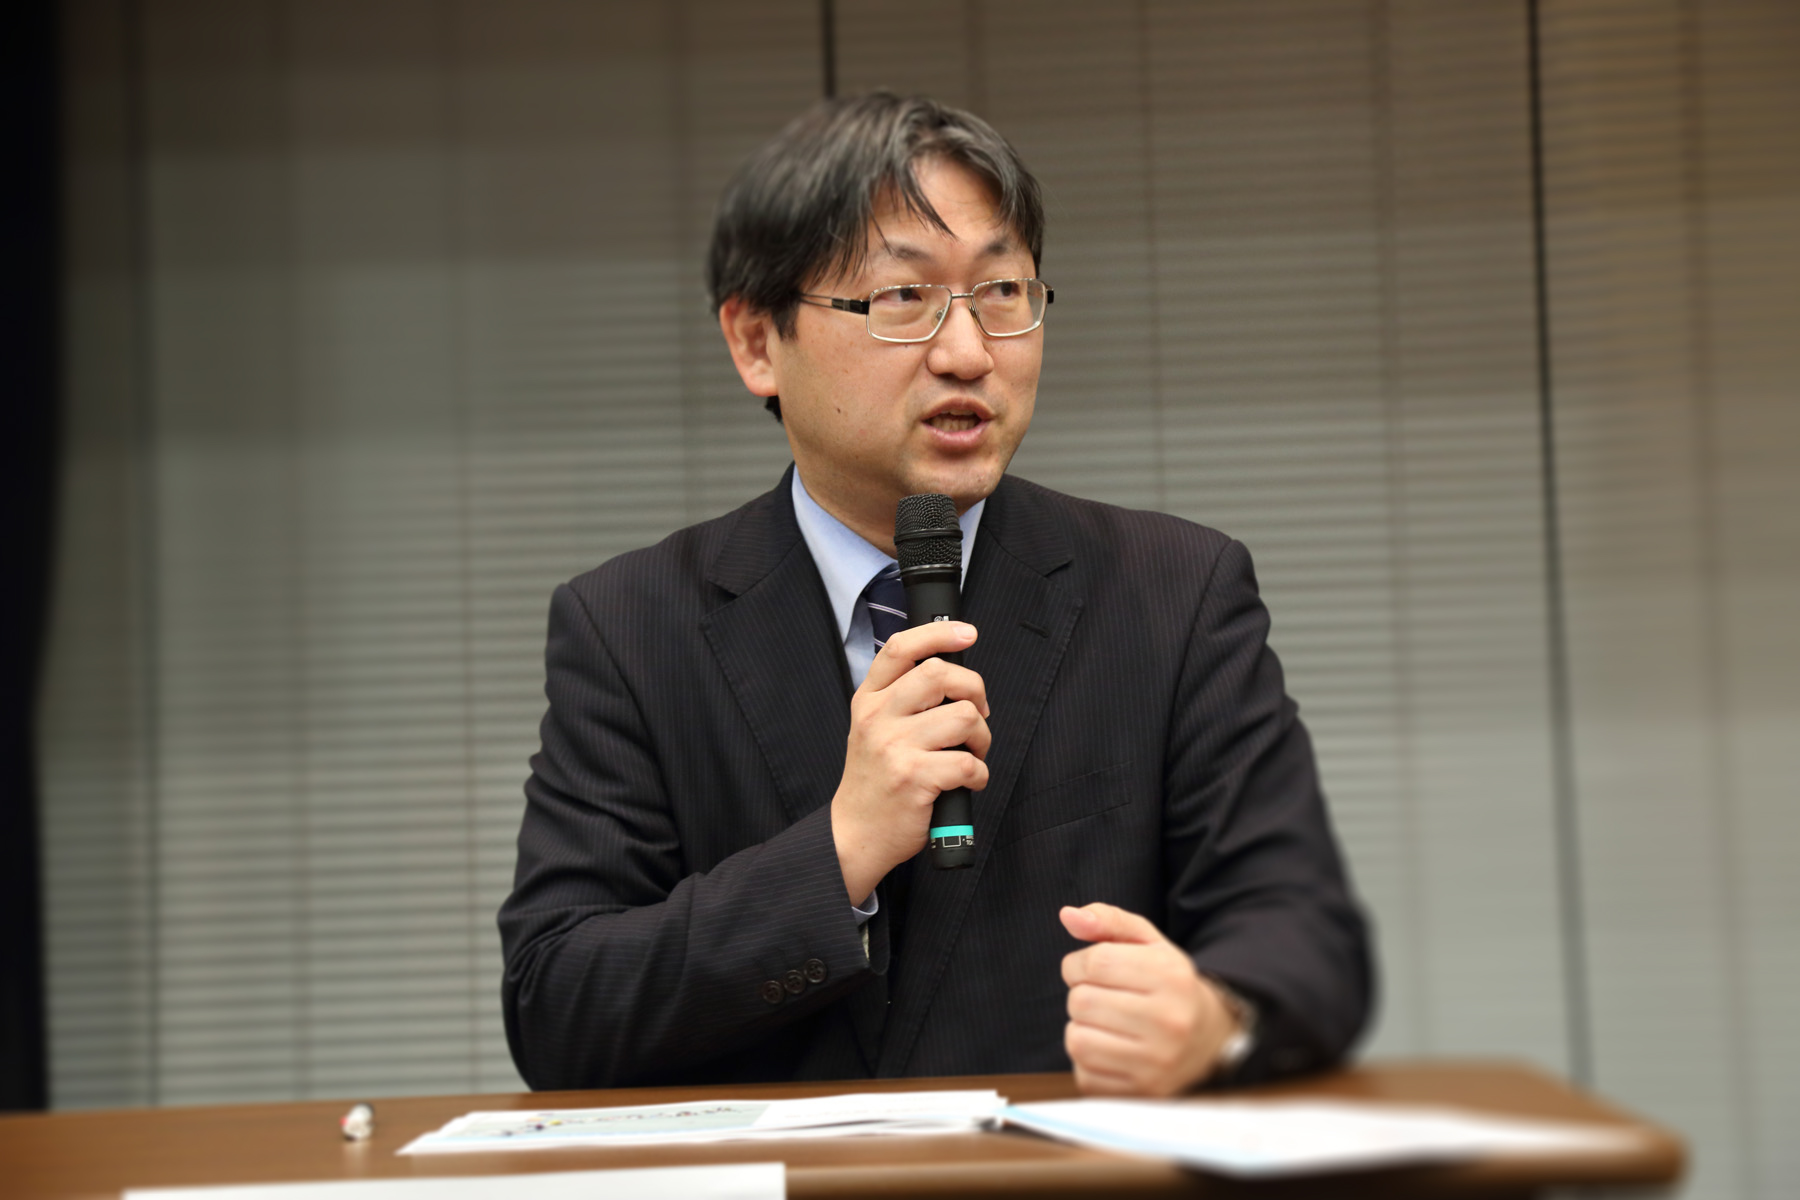 第11回「日本の医療と医薬品等の未来を考える会」リポート